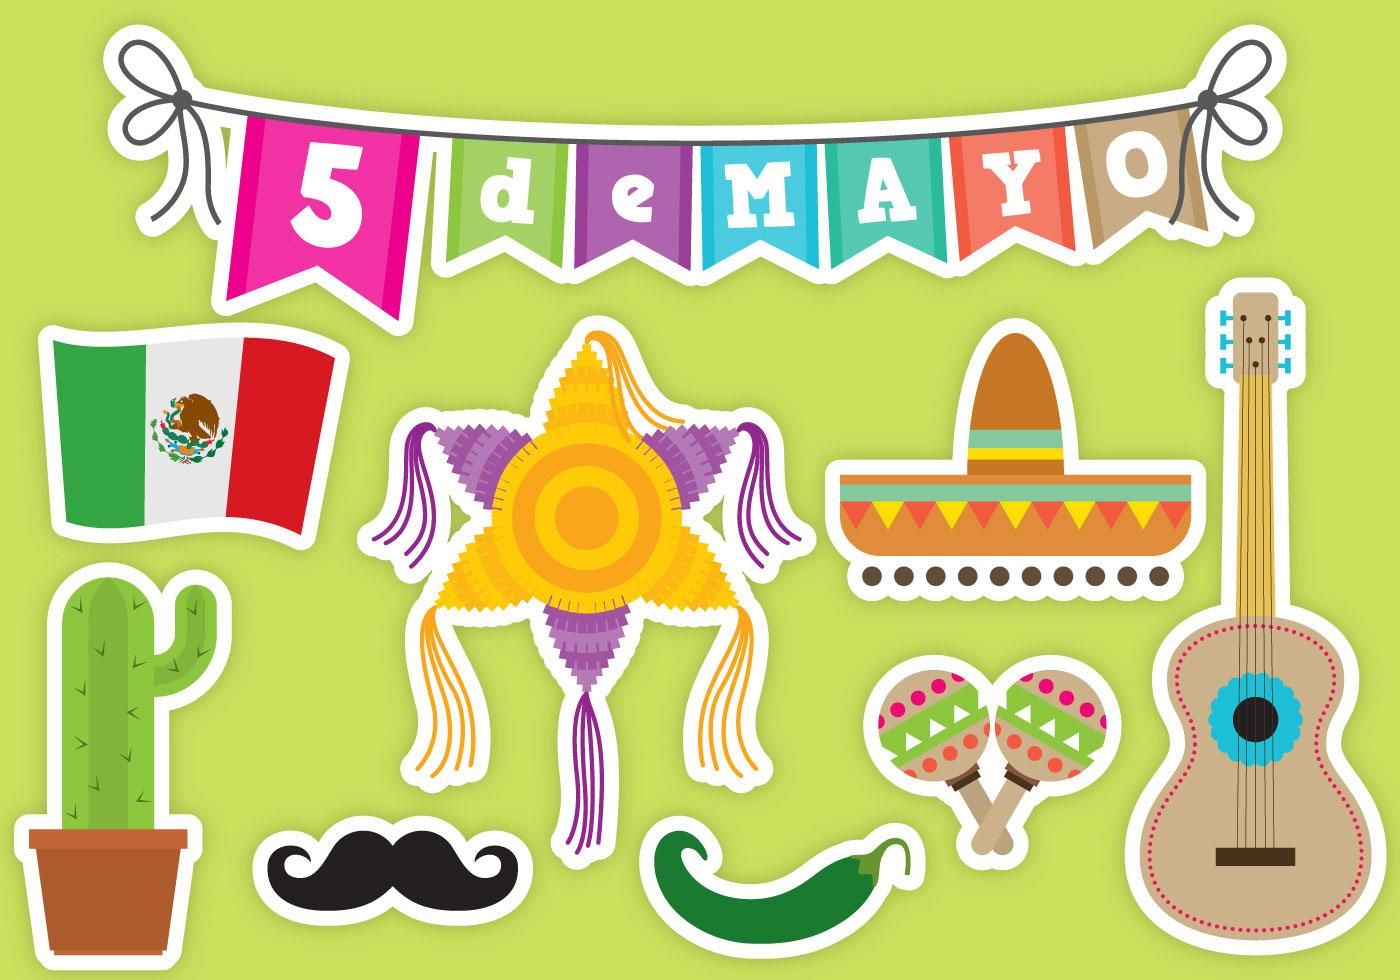 Cinco De Mayo Vector Icons - Download Free Vector Art ...